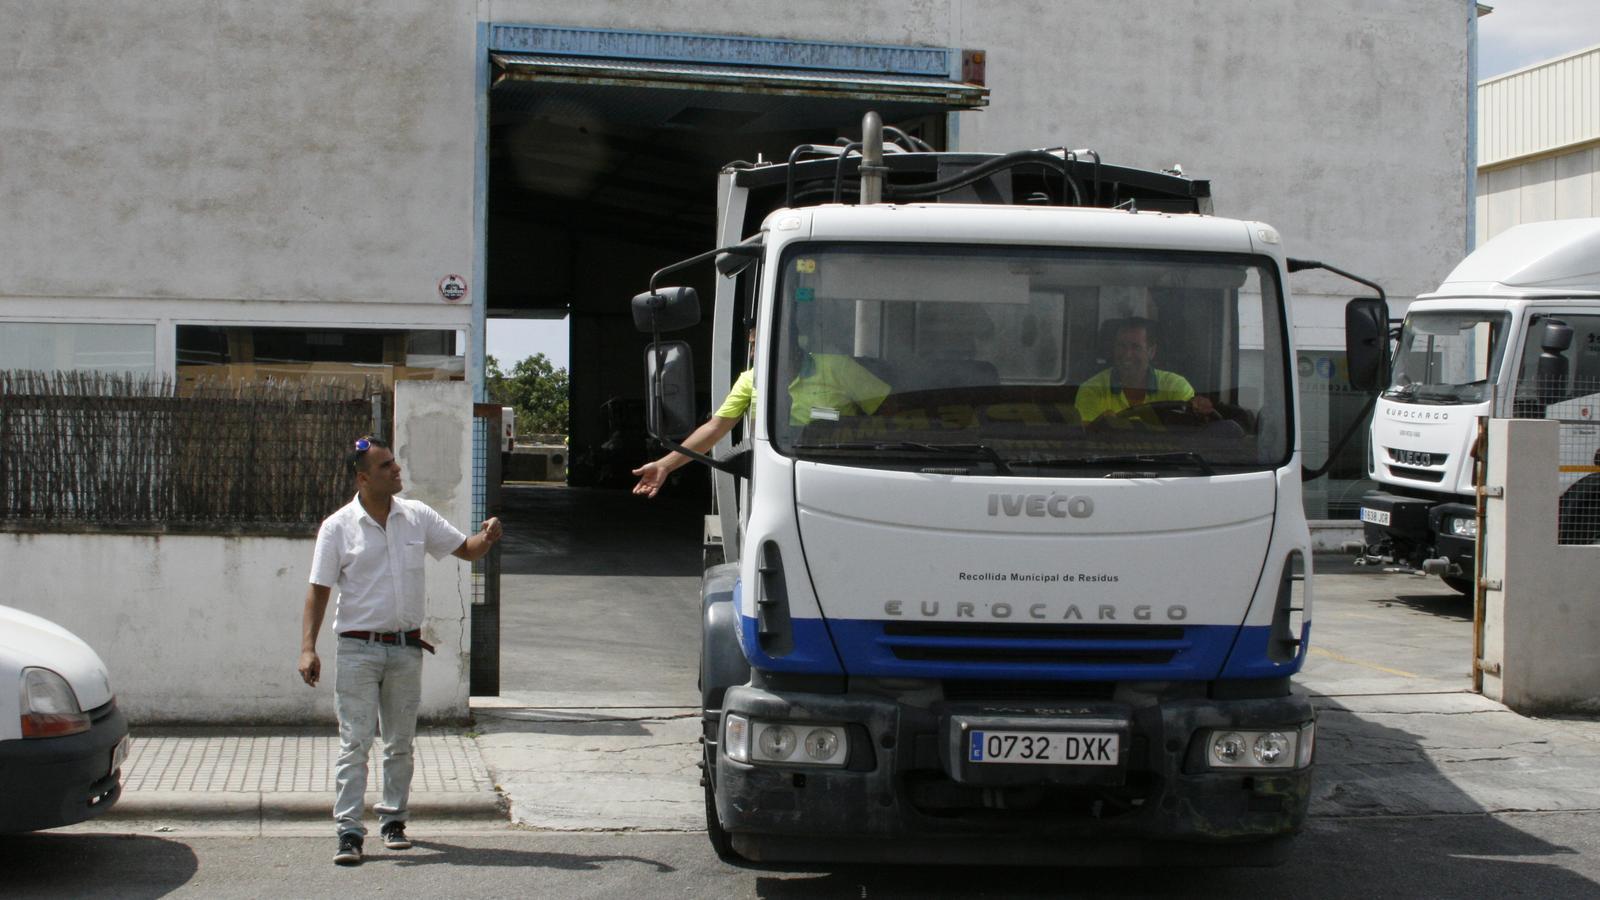 Treballadors de Lumsa sortint amb un vehicle de la nau de l'empresa.